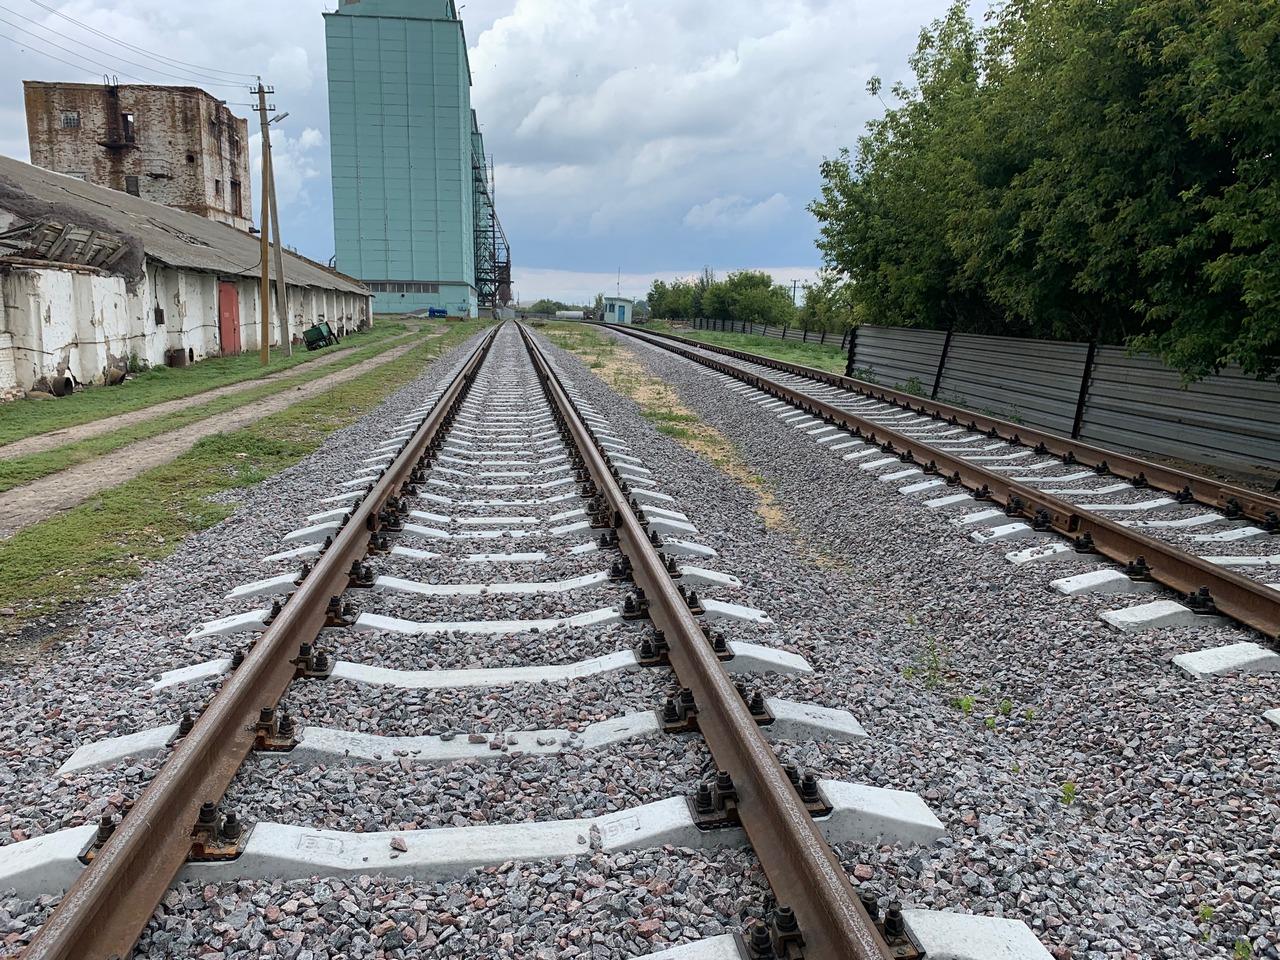 Два железнодорожных пути, слева производственные постройки